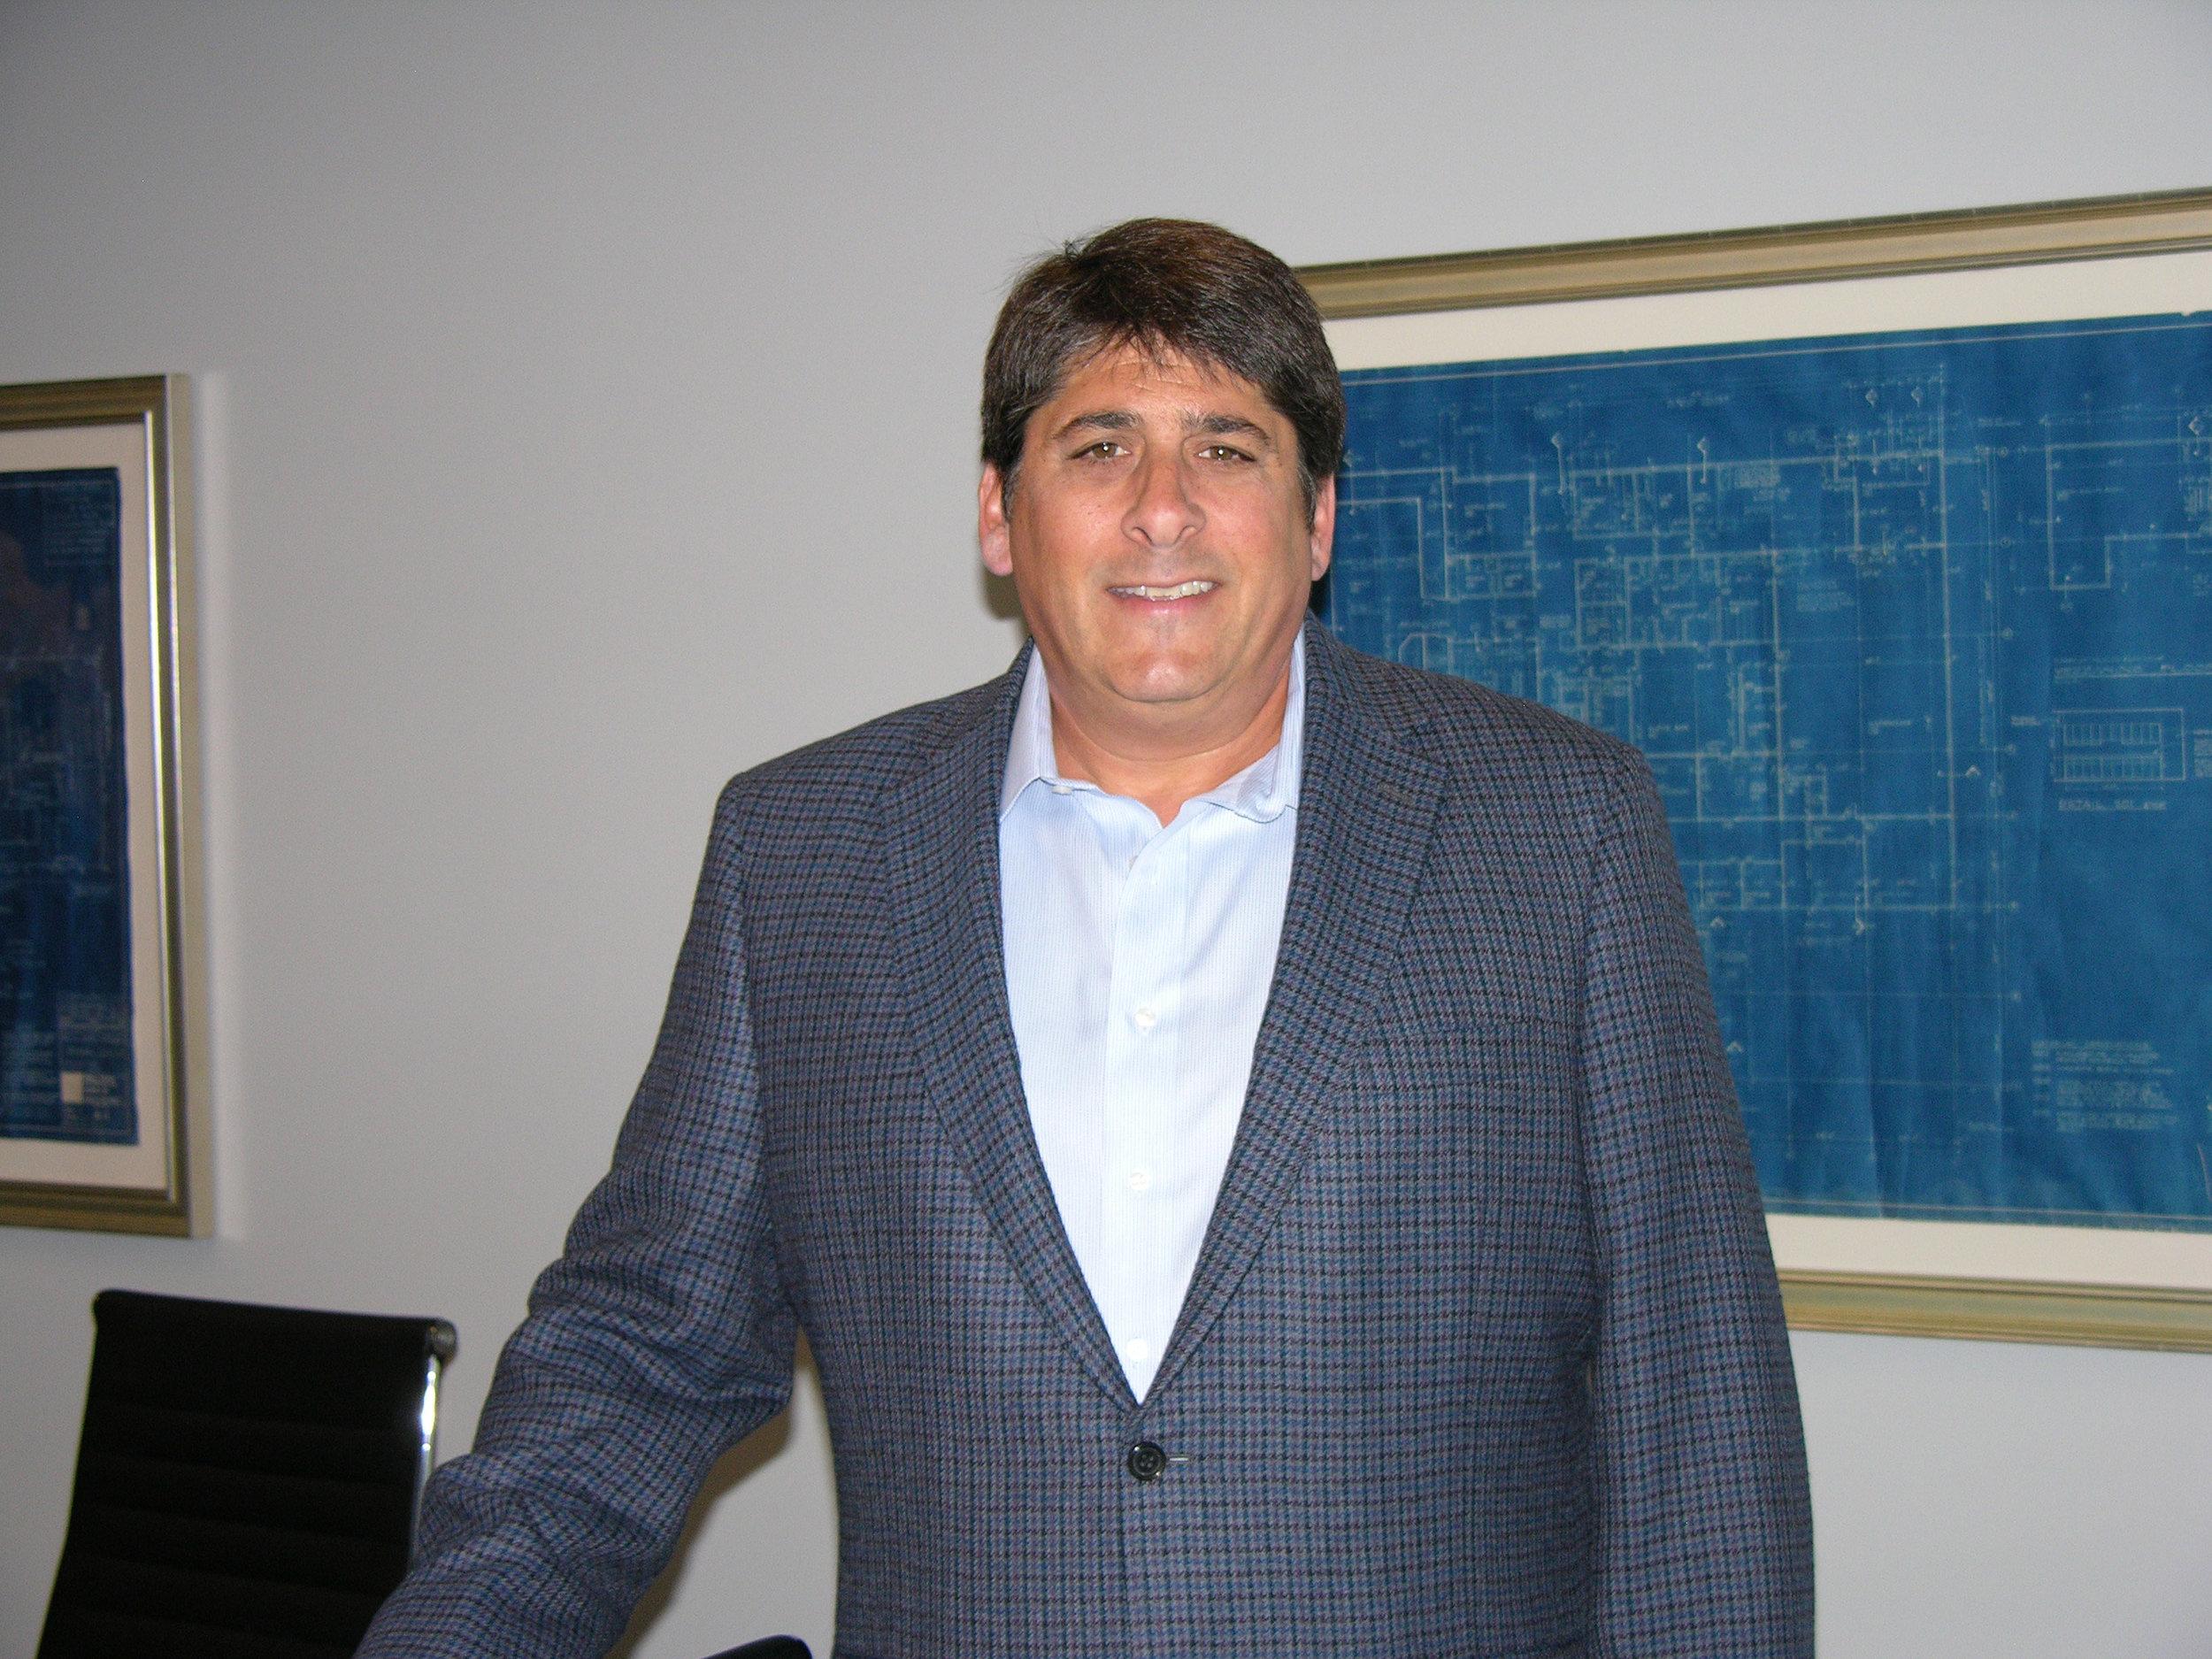 Paul Cohen, Head Estimator